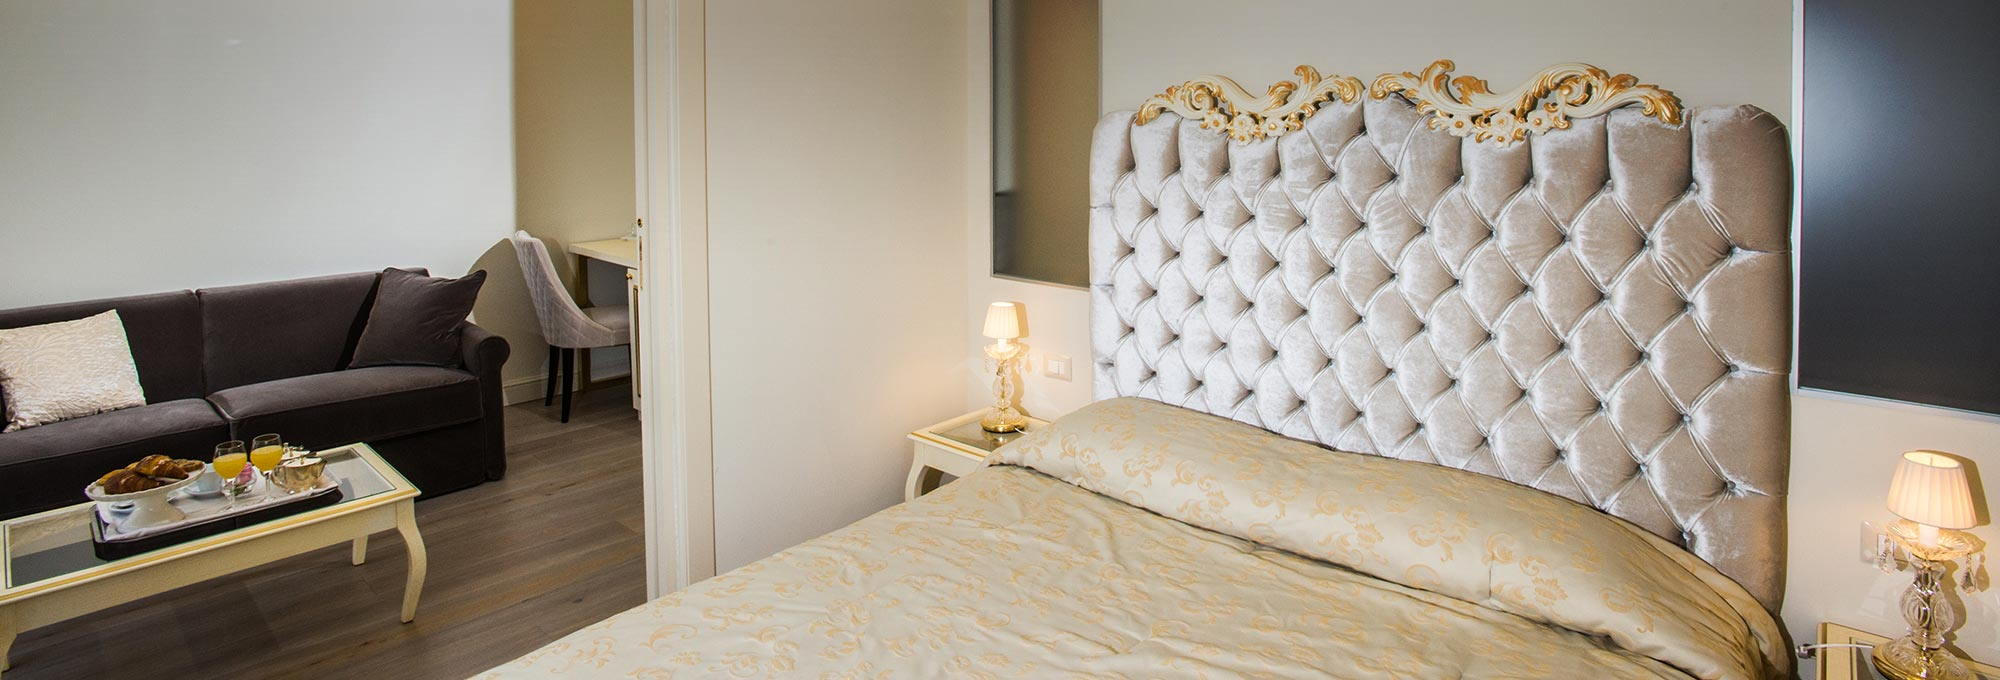 Hotel Villa Giulia Lago di Como - Camera Suite